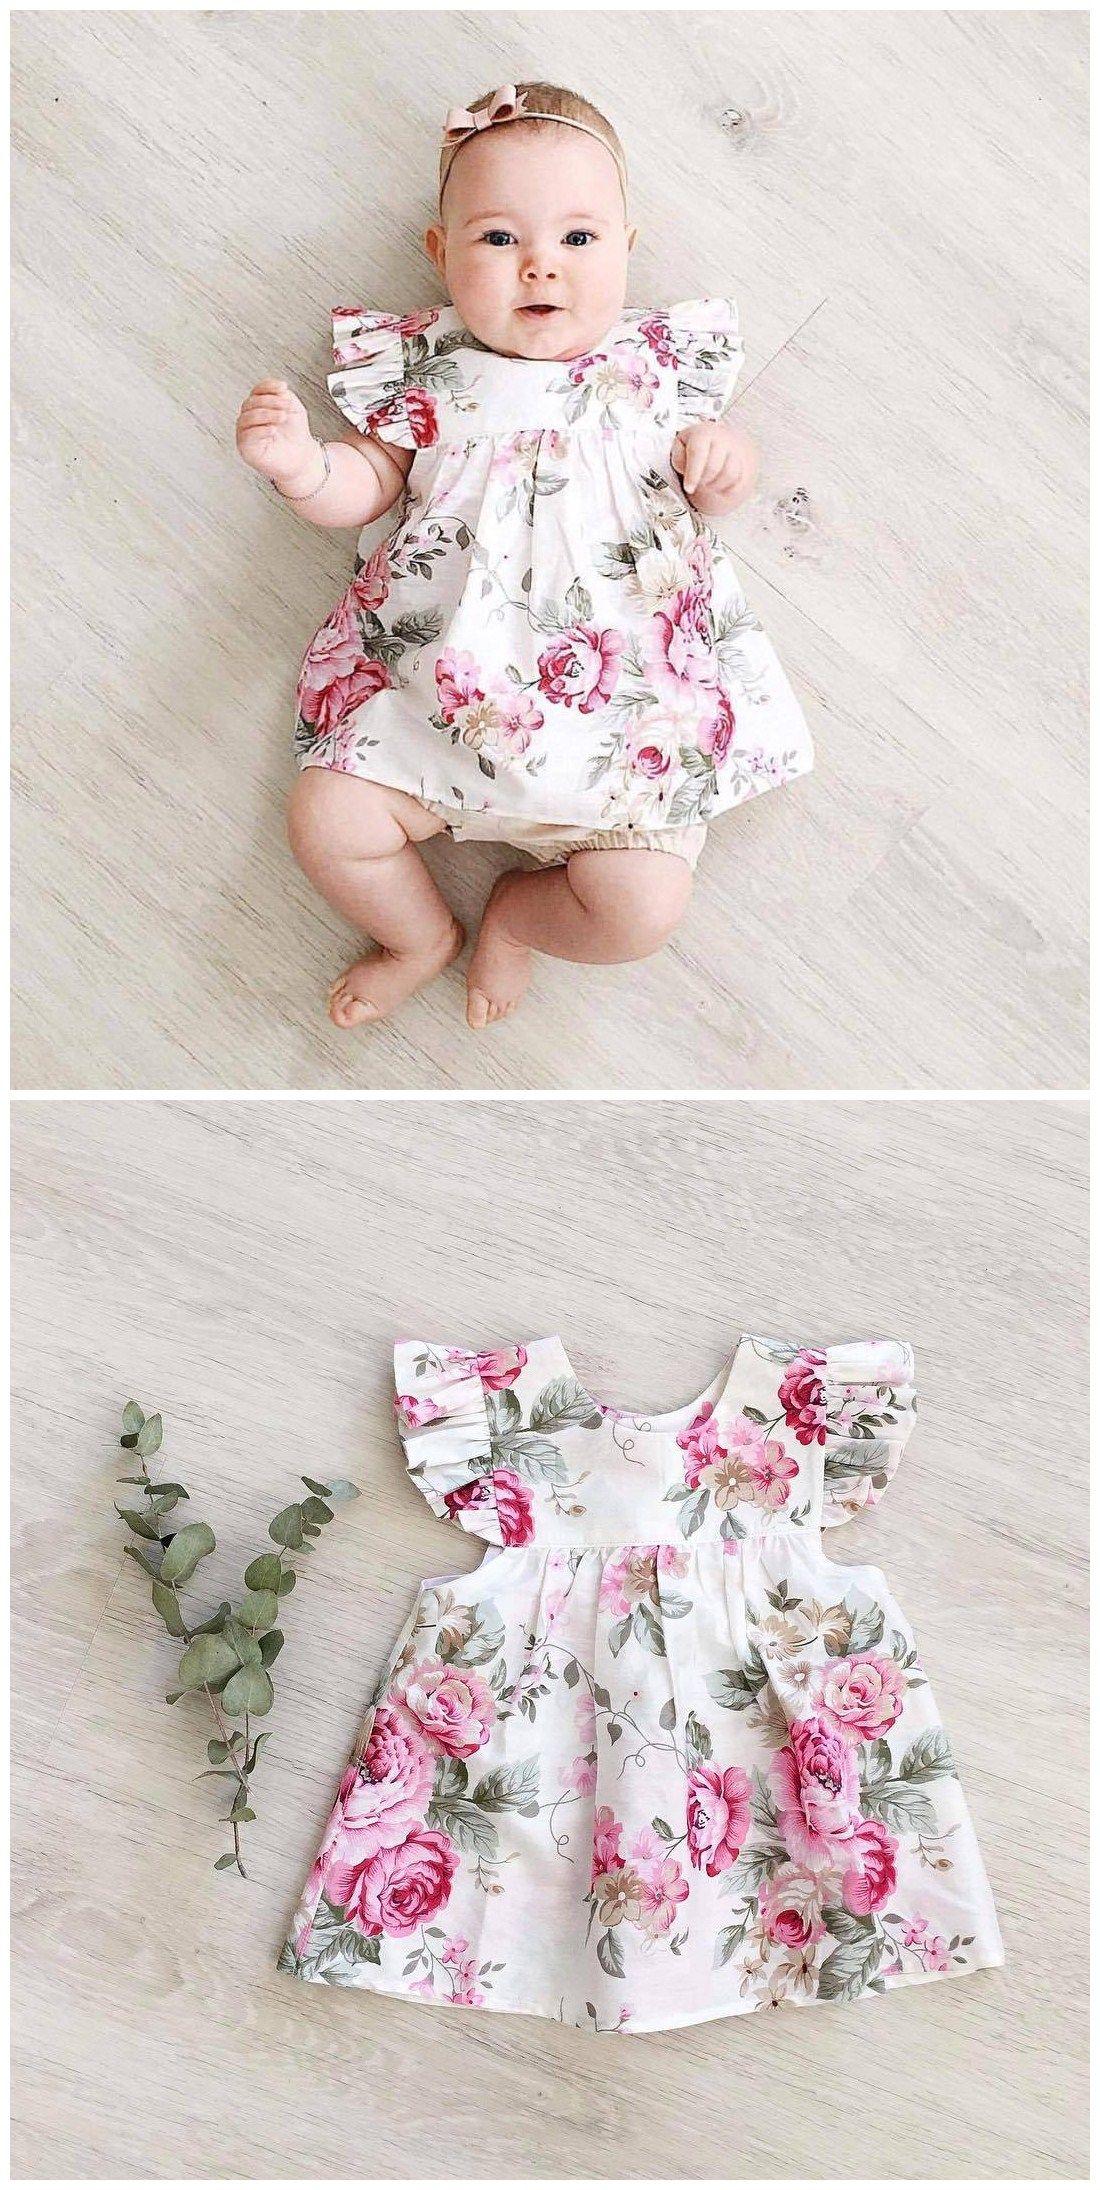 Baby Girls Kids Clothes Toddler Infant Summer Backless V Neck Floral Dress 1-6T